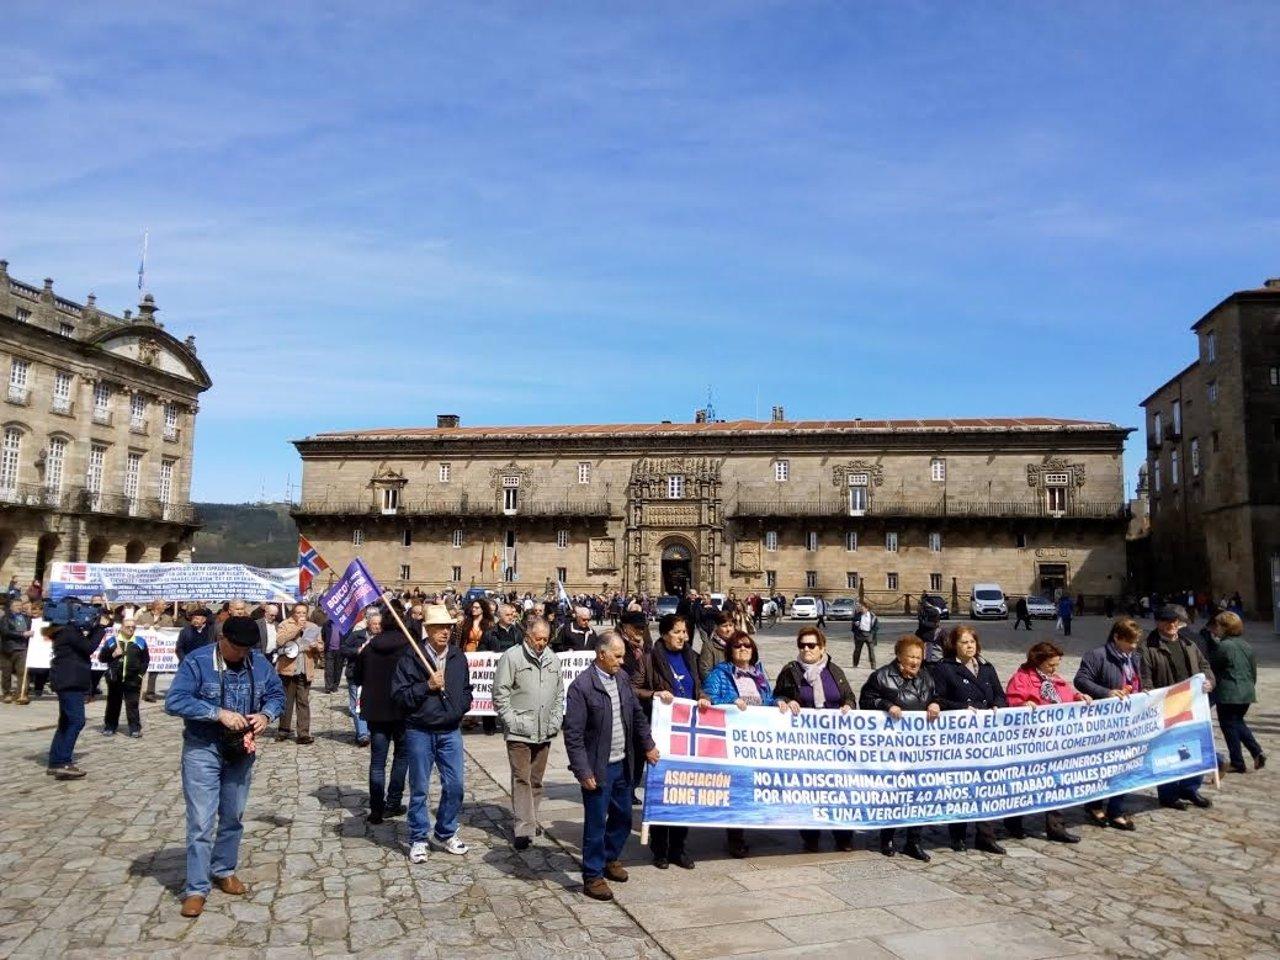 Manifestación de marinos que reclaman sus pensiones a Noruega